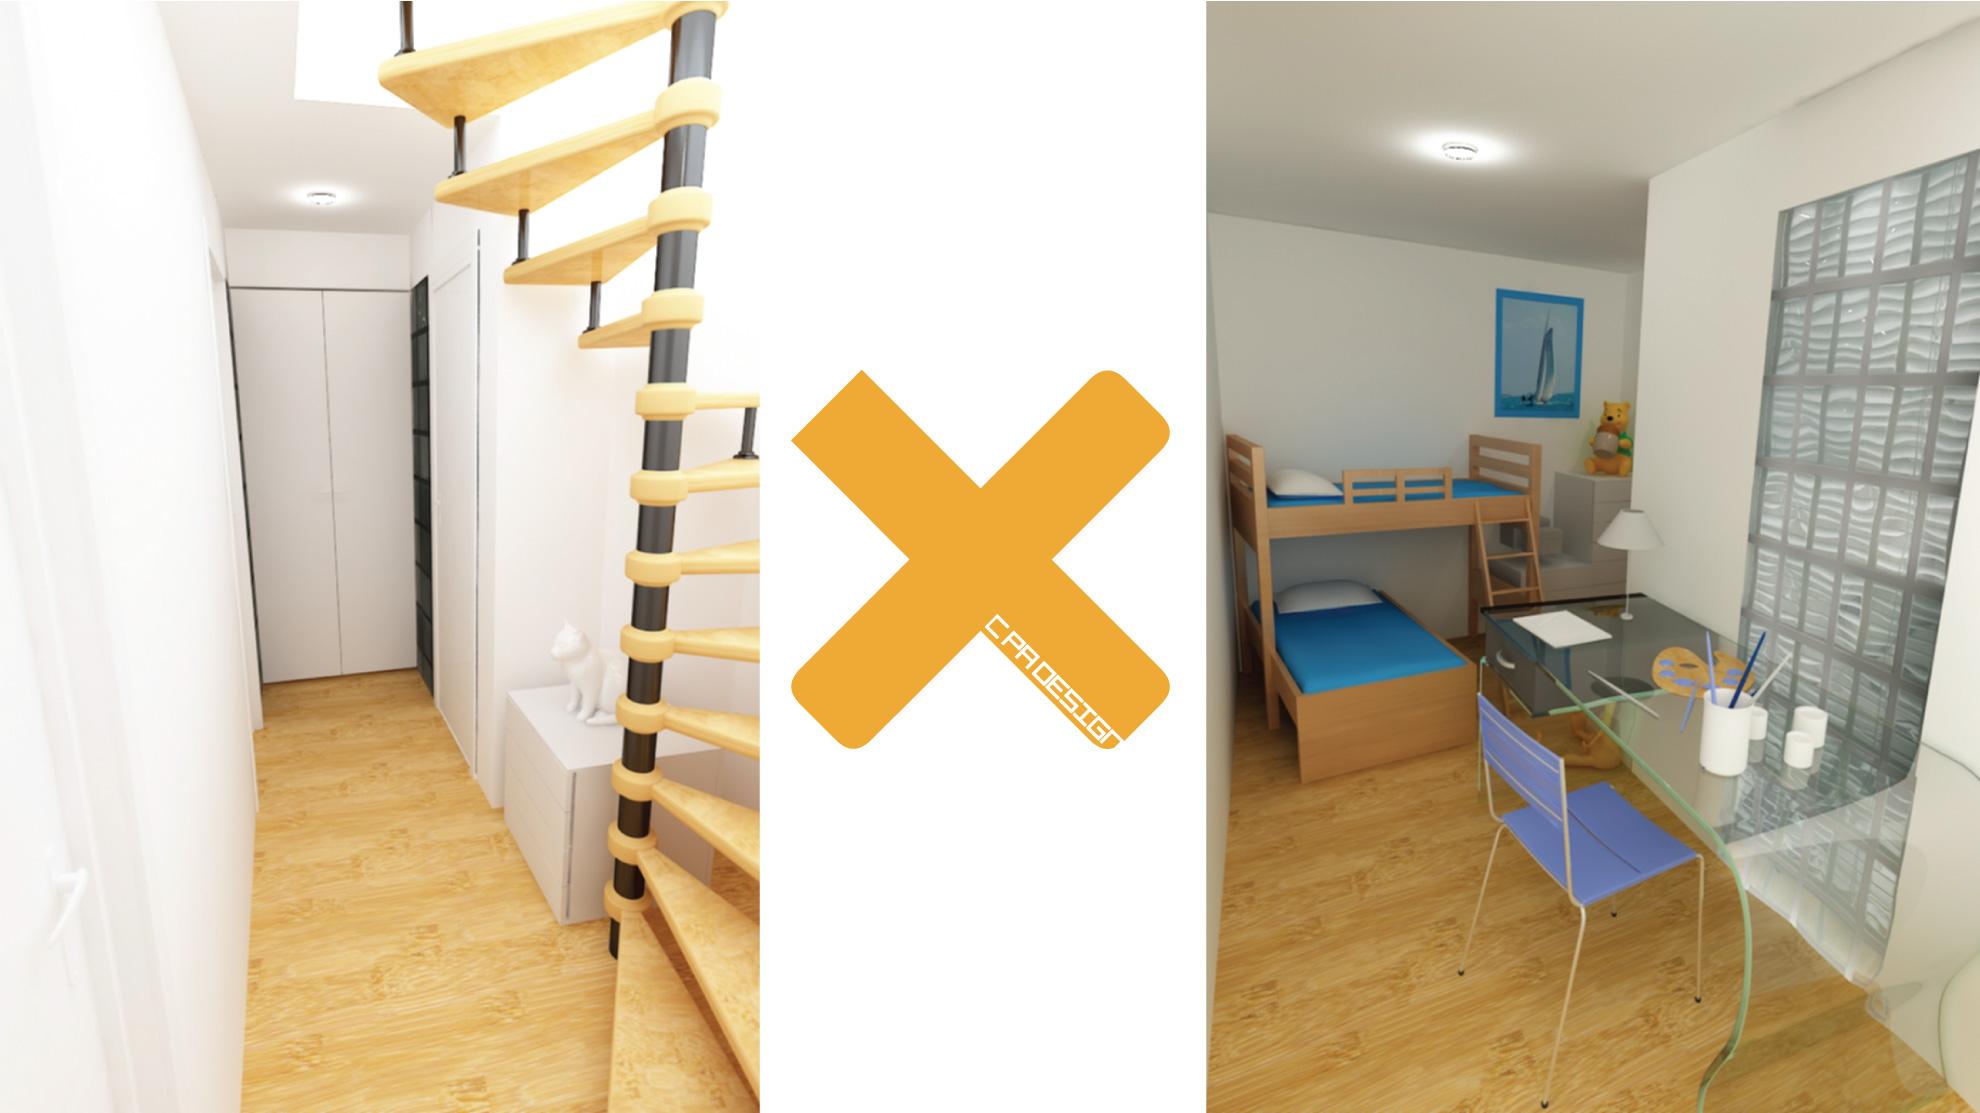 c_pa_design_produit_design_mobilier_realisation_architecture-interieure -3d-réaliste-plan-echelle